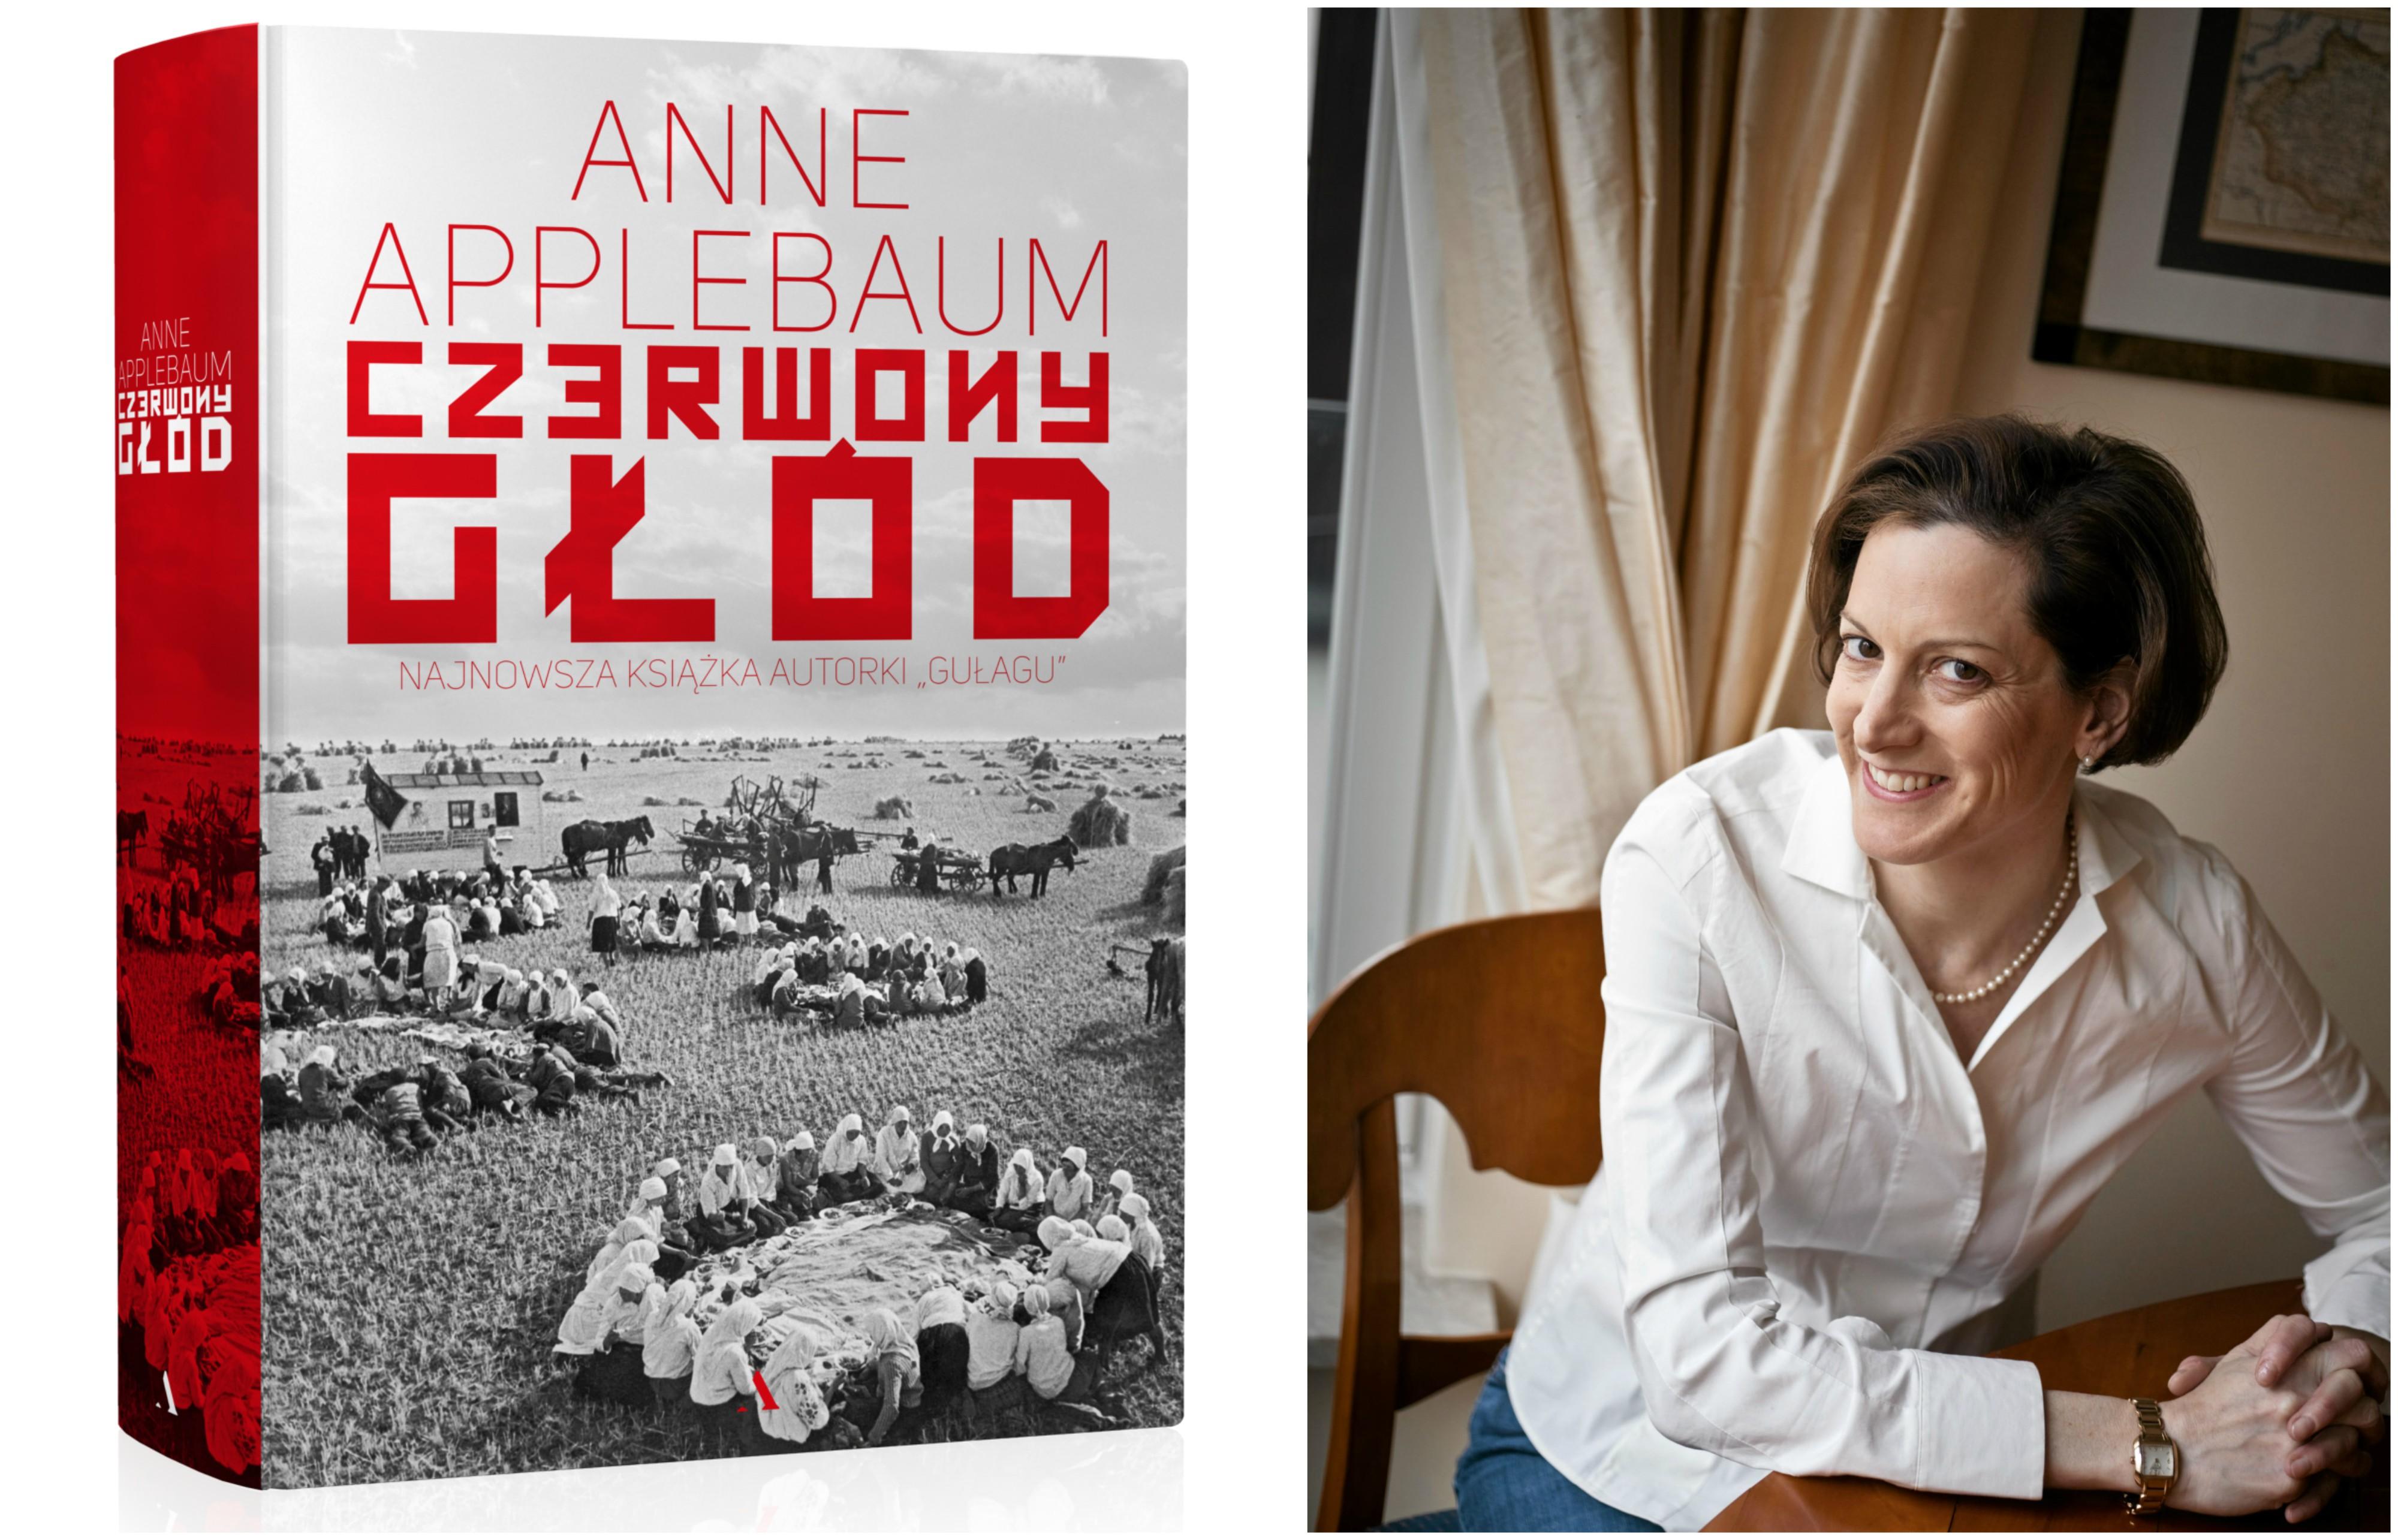 Książka Anne Applebaum 'Czerwony głód' ukazała się nakładem Wydawnictwa Agora (fot. materiały prasowe / Albert Zawada / Agencja Gazeta)